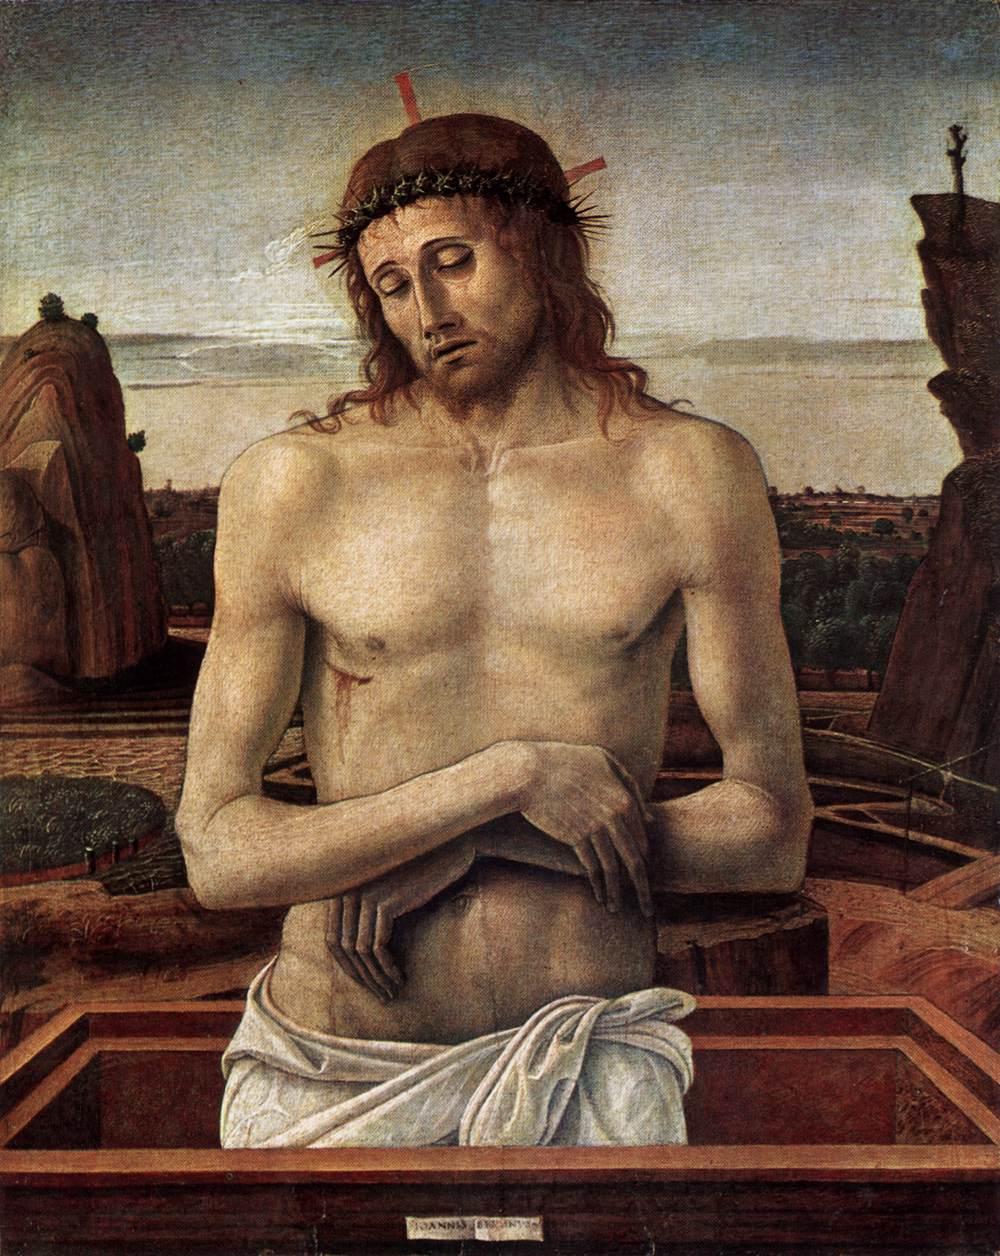 Giovanni bellini, pietà del museo poldi pezzoli.jpg